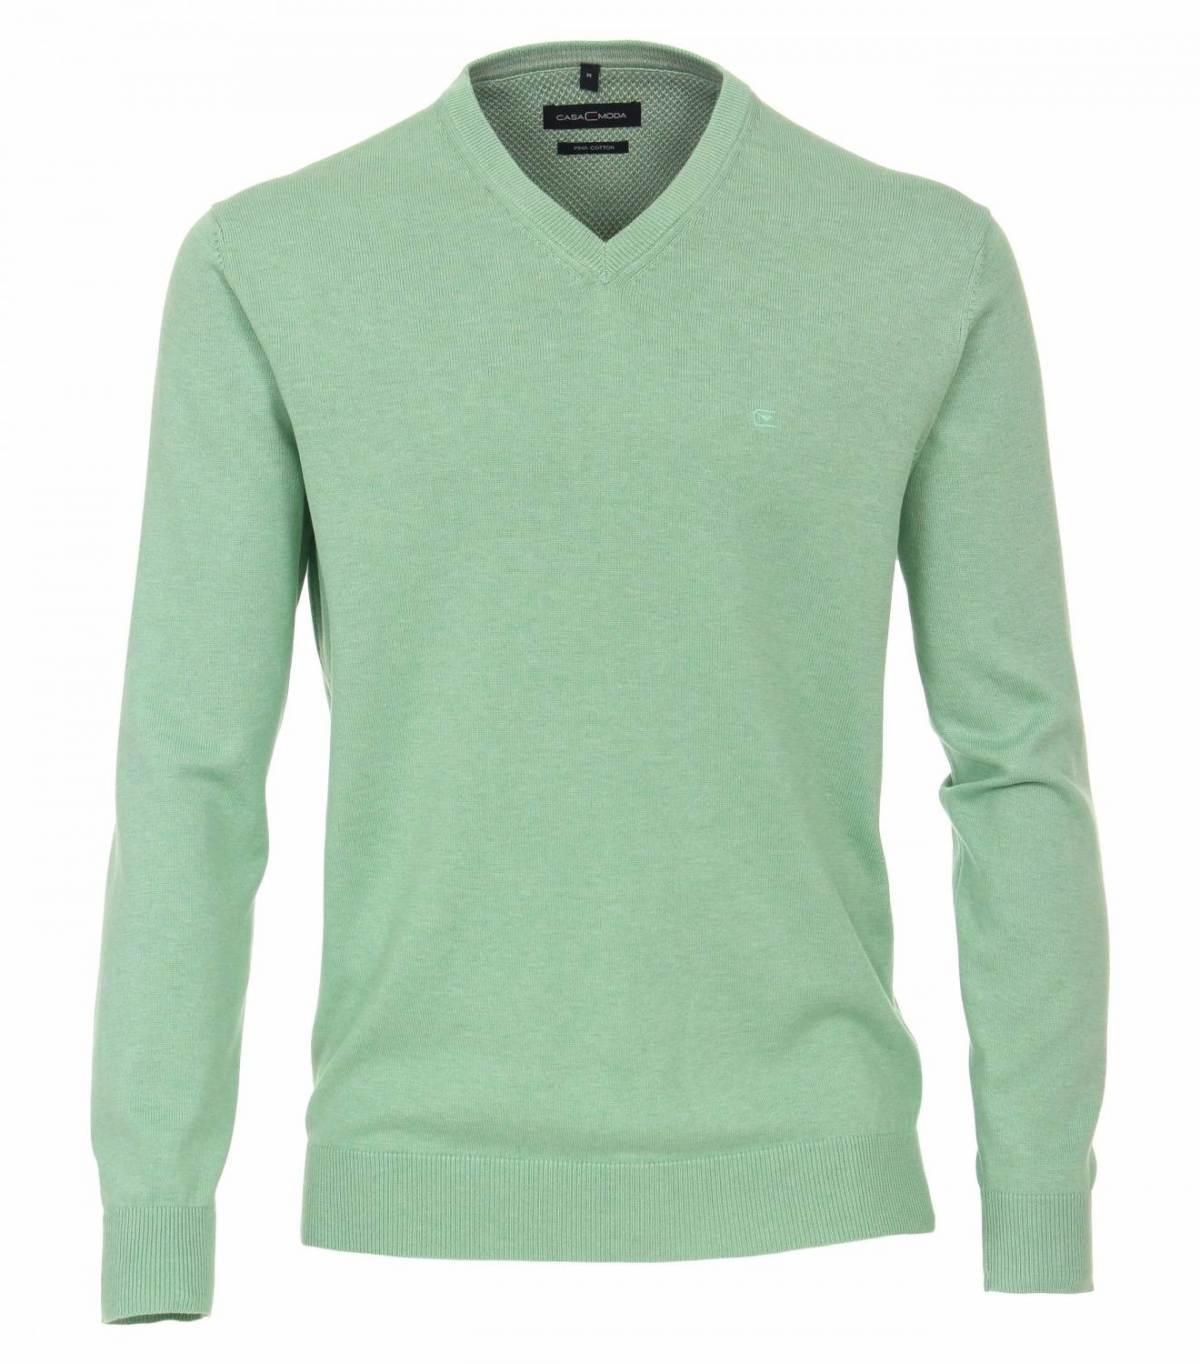 004430 362 - - Con Murphys Menswear